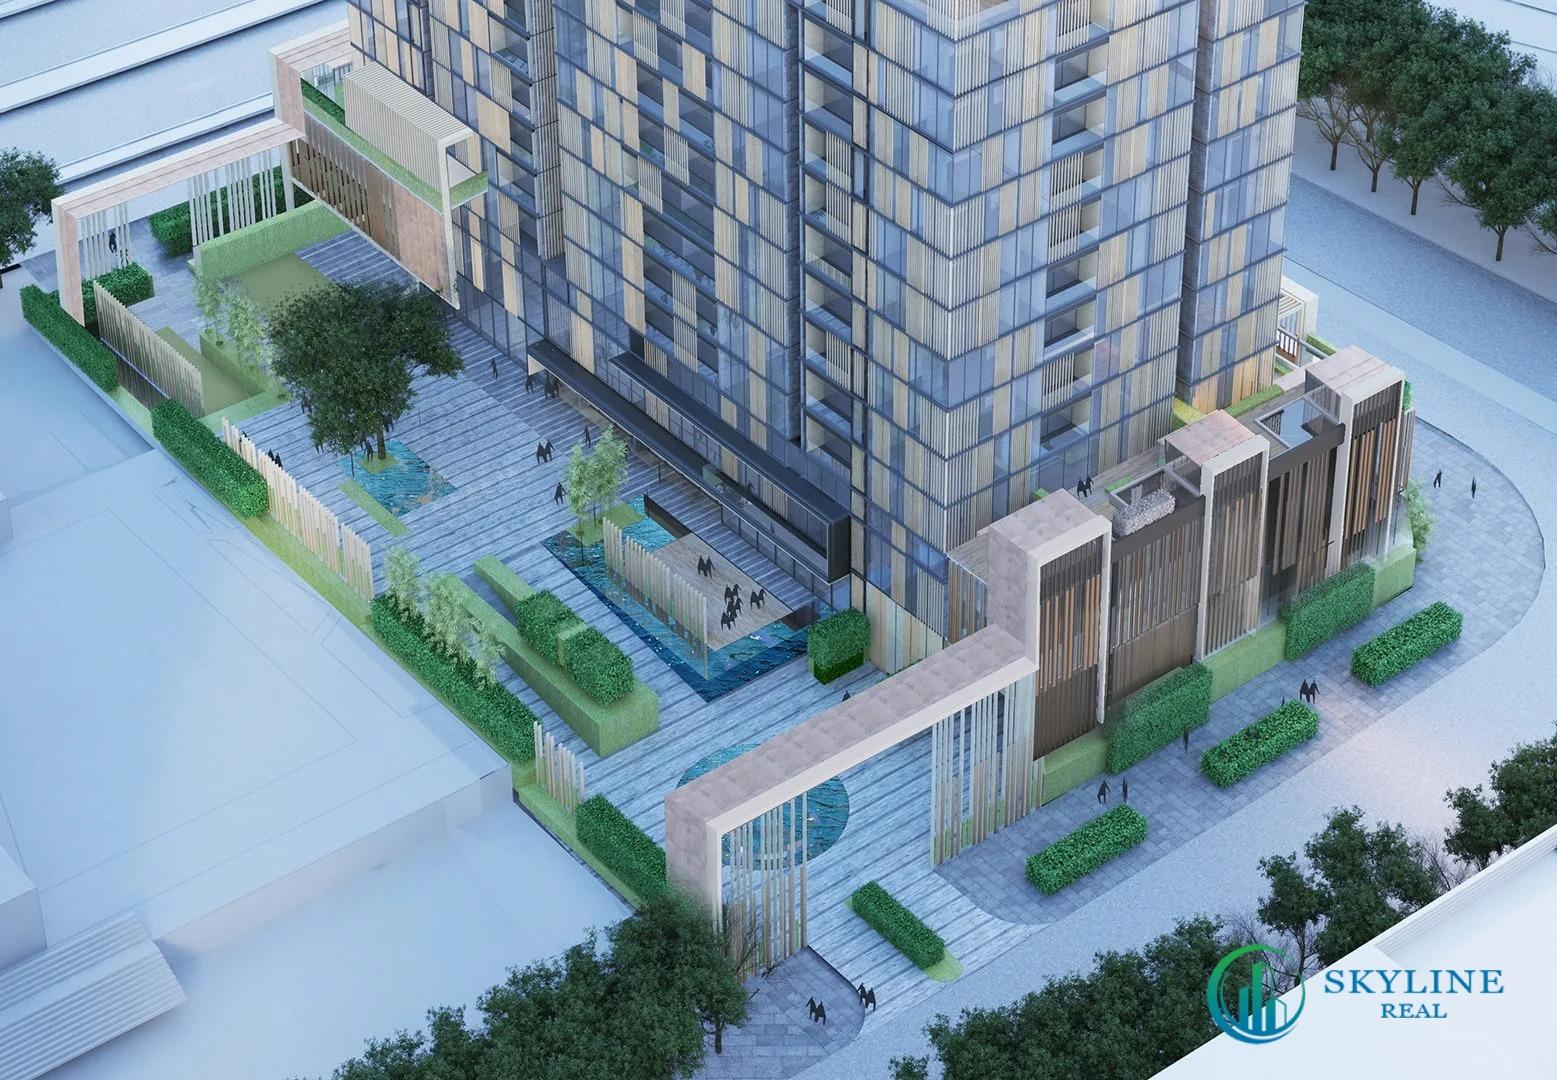 Thiết kế phần khối đề tòa tháp phân khu The Monarch (MU6) Empire City